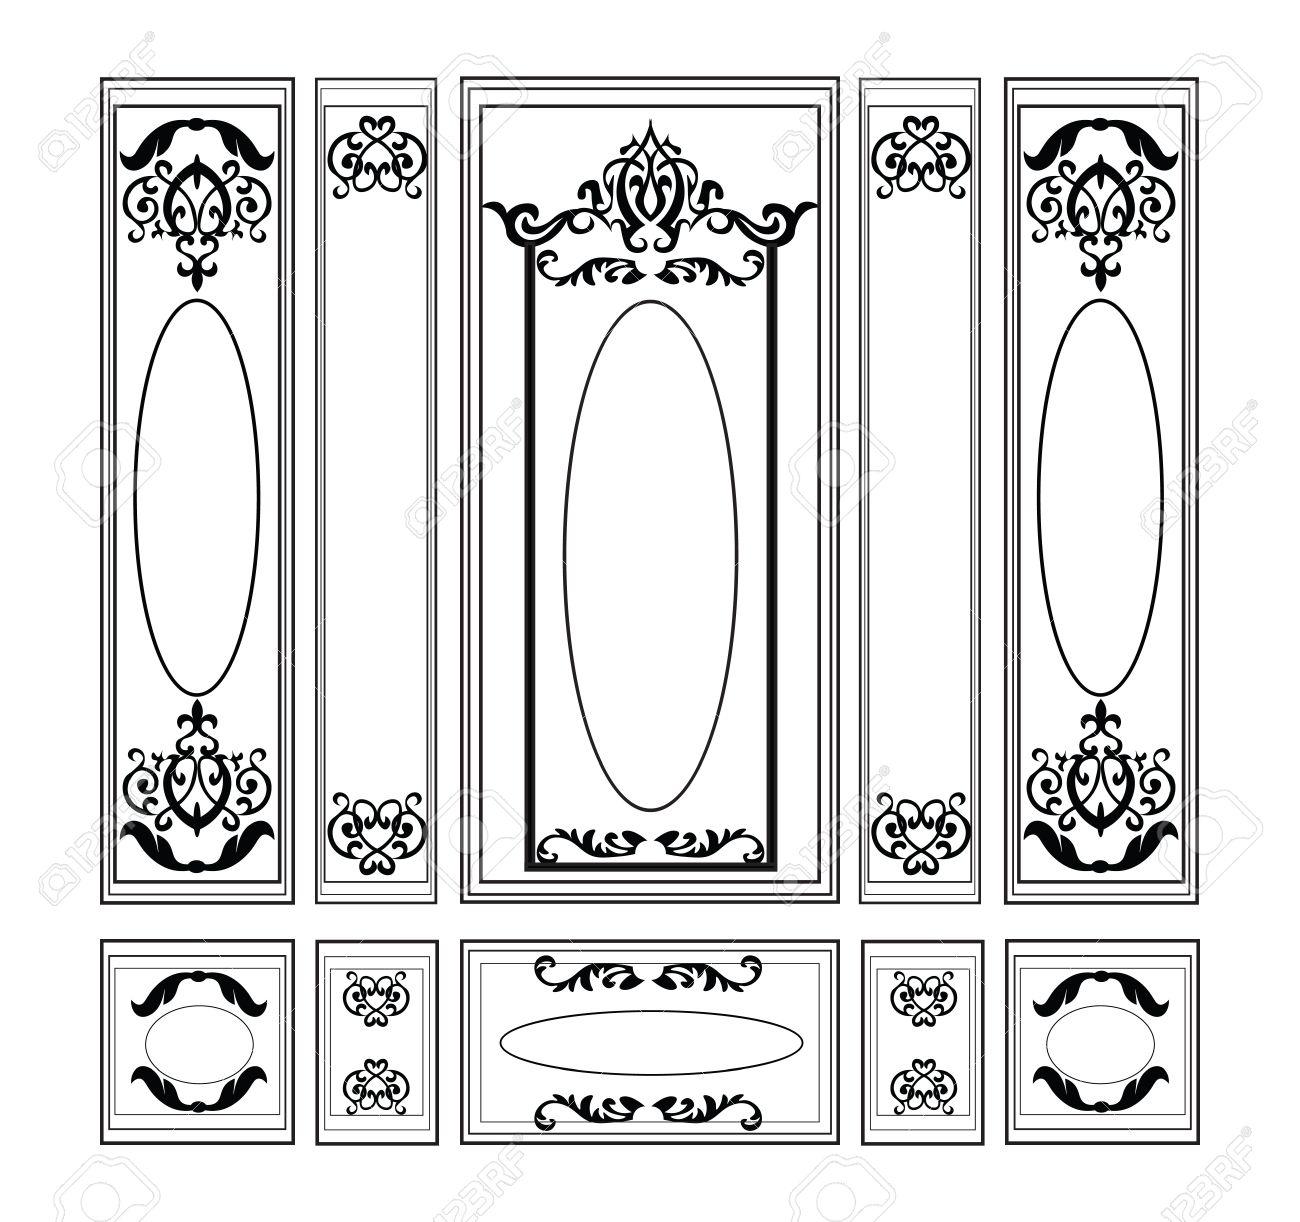 Vector Täfelung Dekorative Damast Verzierte Rahmen Für Wände Oder ...